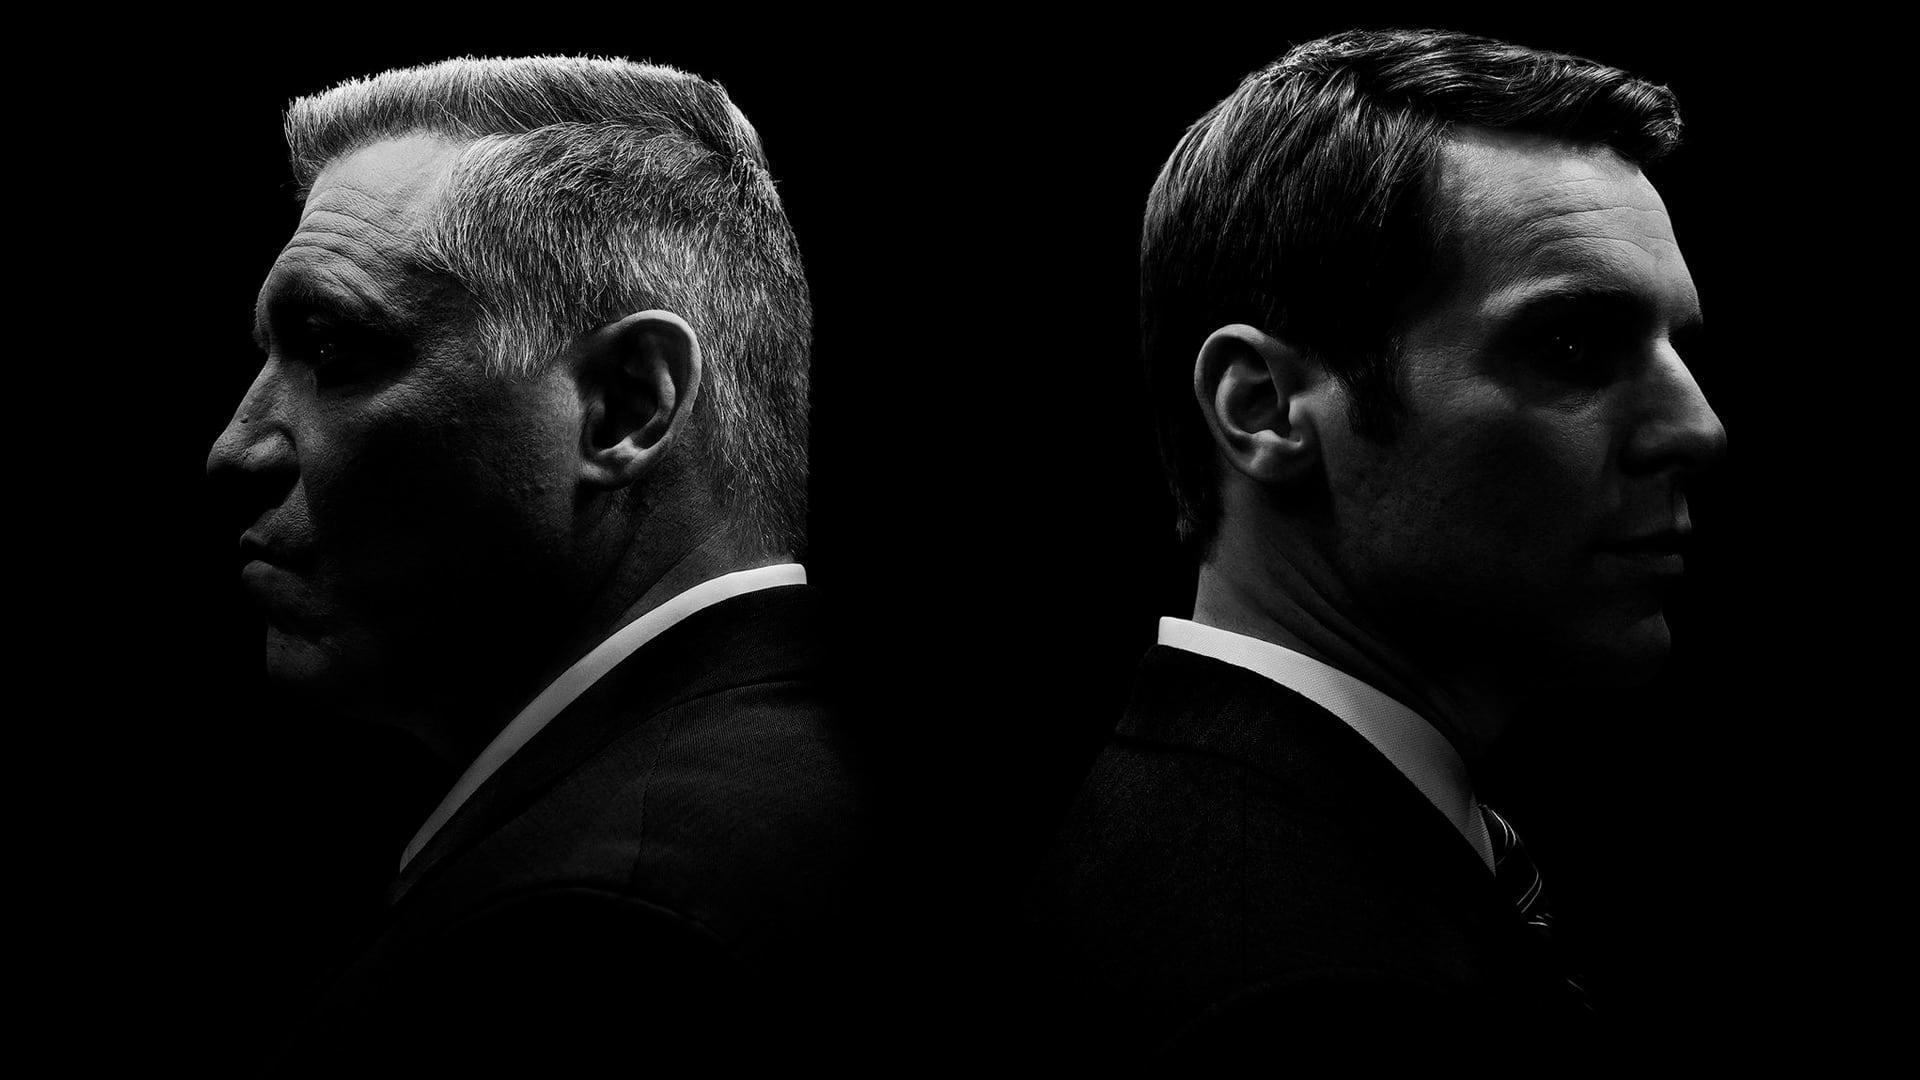 Кадры из фильма Охотник за разумом Mindhunter 2017